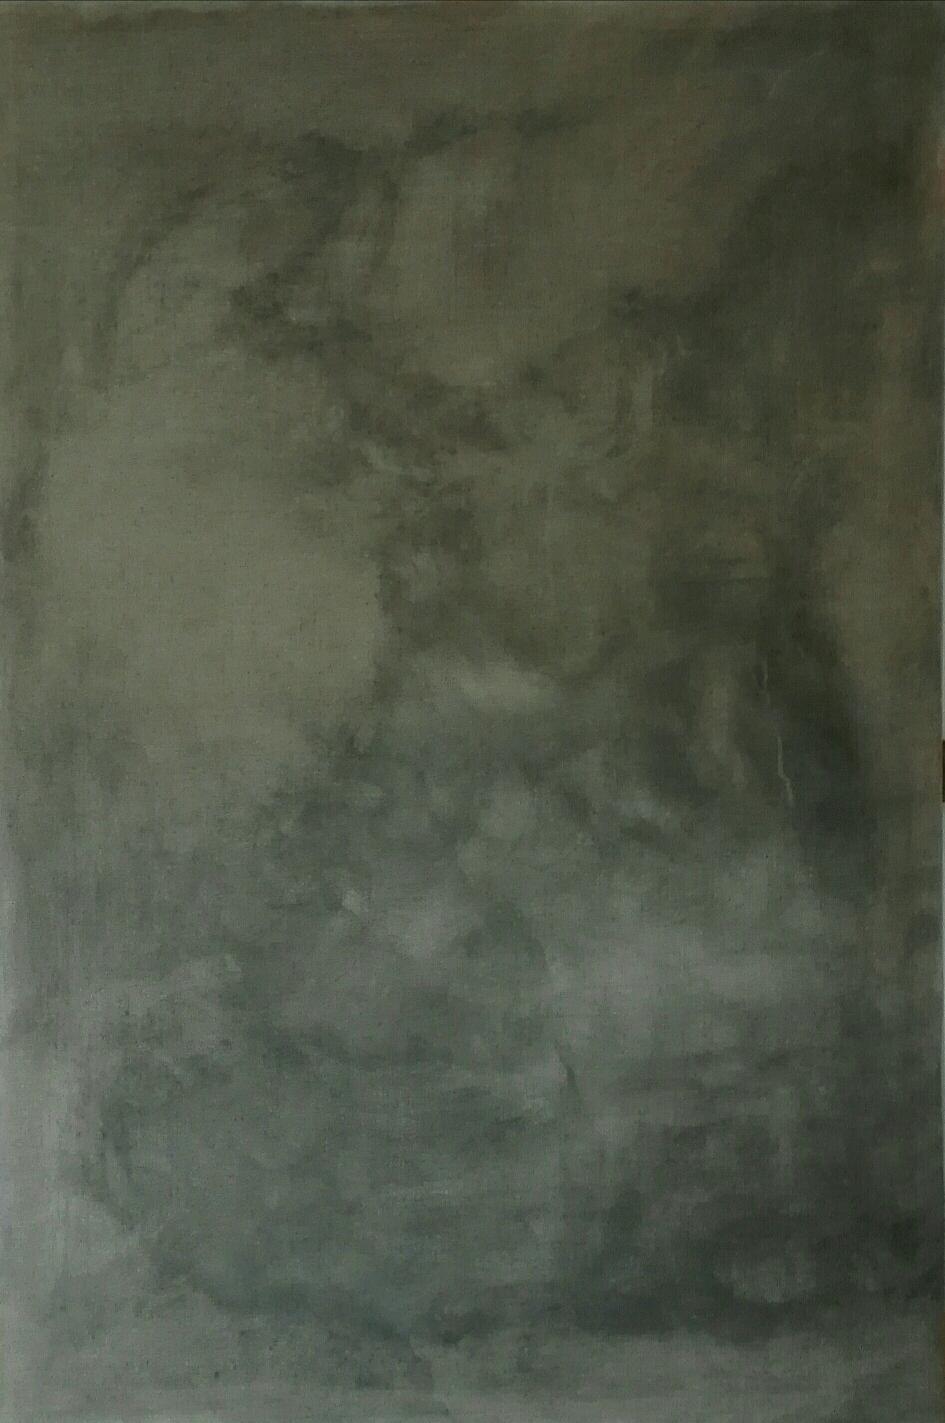 «A REAL SFUMATO» 150x100cm, 2019, graphite on natural linen canvas